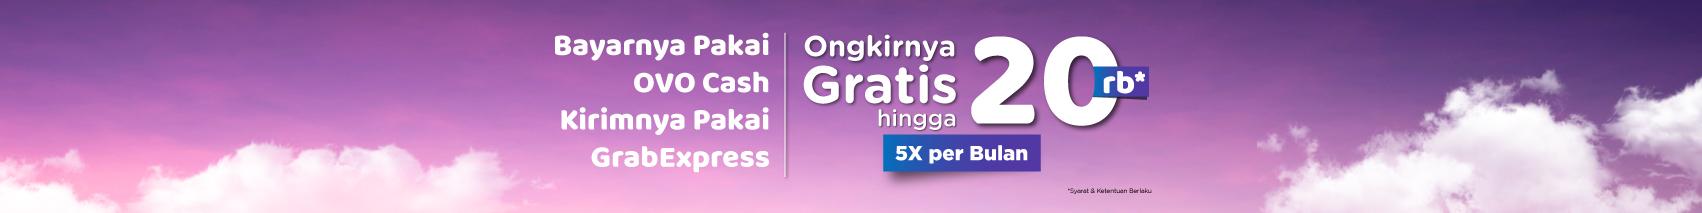 5x Gratis Ongkir Pakai Grab Express & OVO Cash